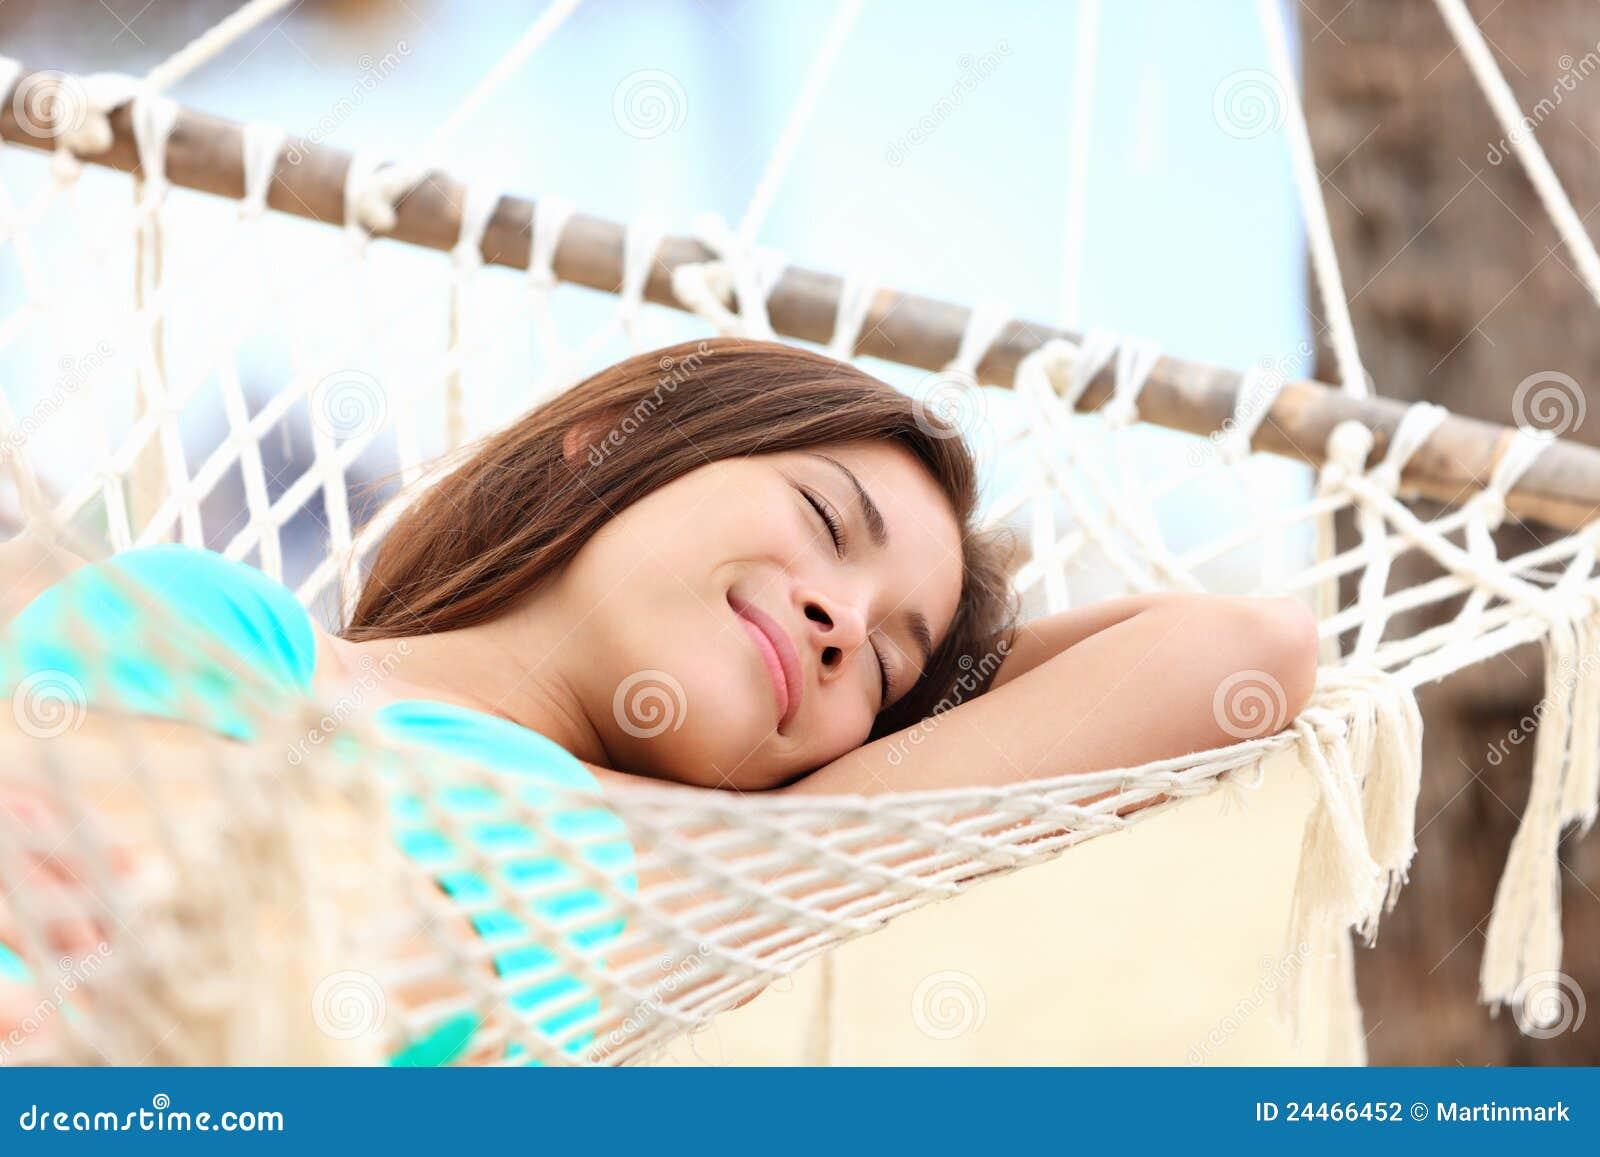 Sova semesterkvinna för hängmatta